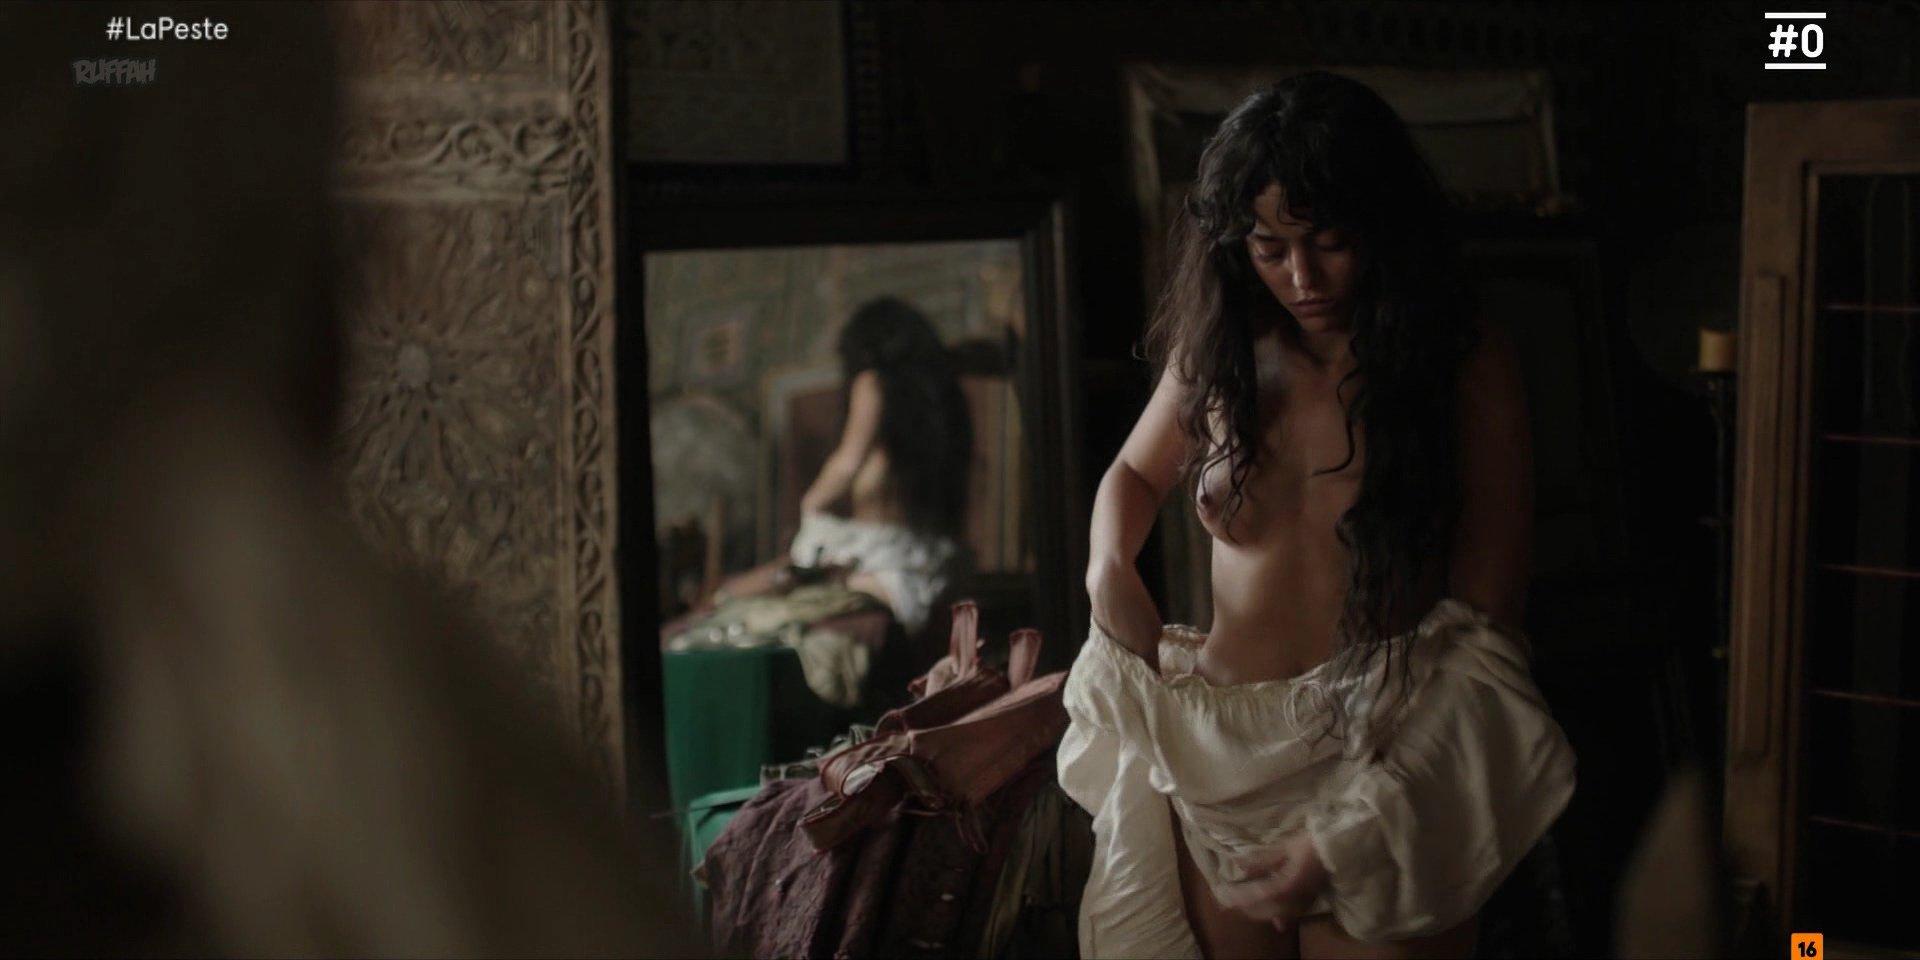 Cecilia Gómez nude- La Peste s01e06 (2018)